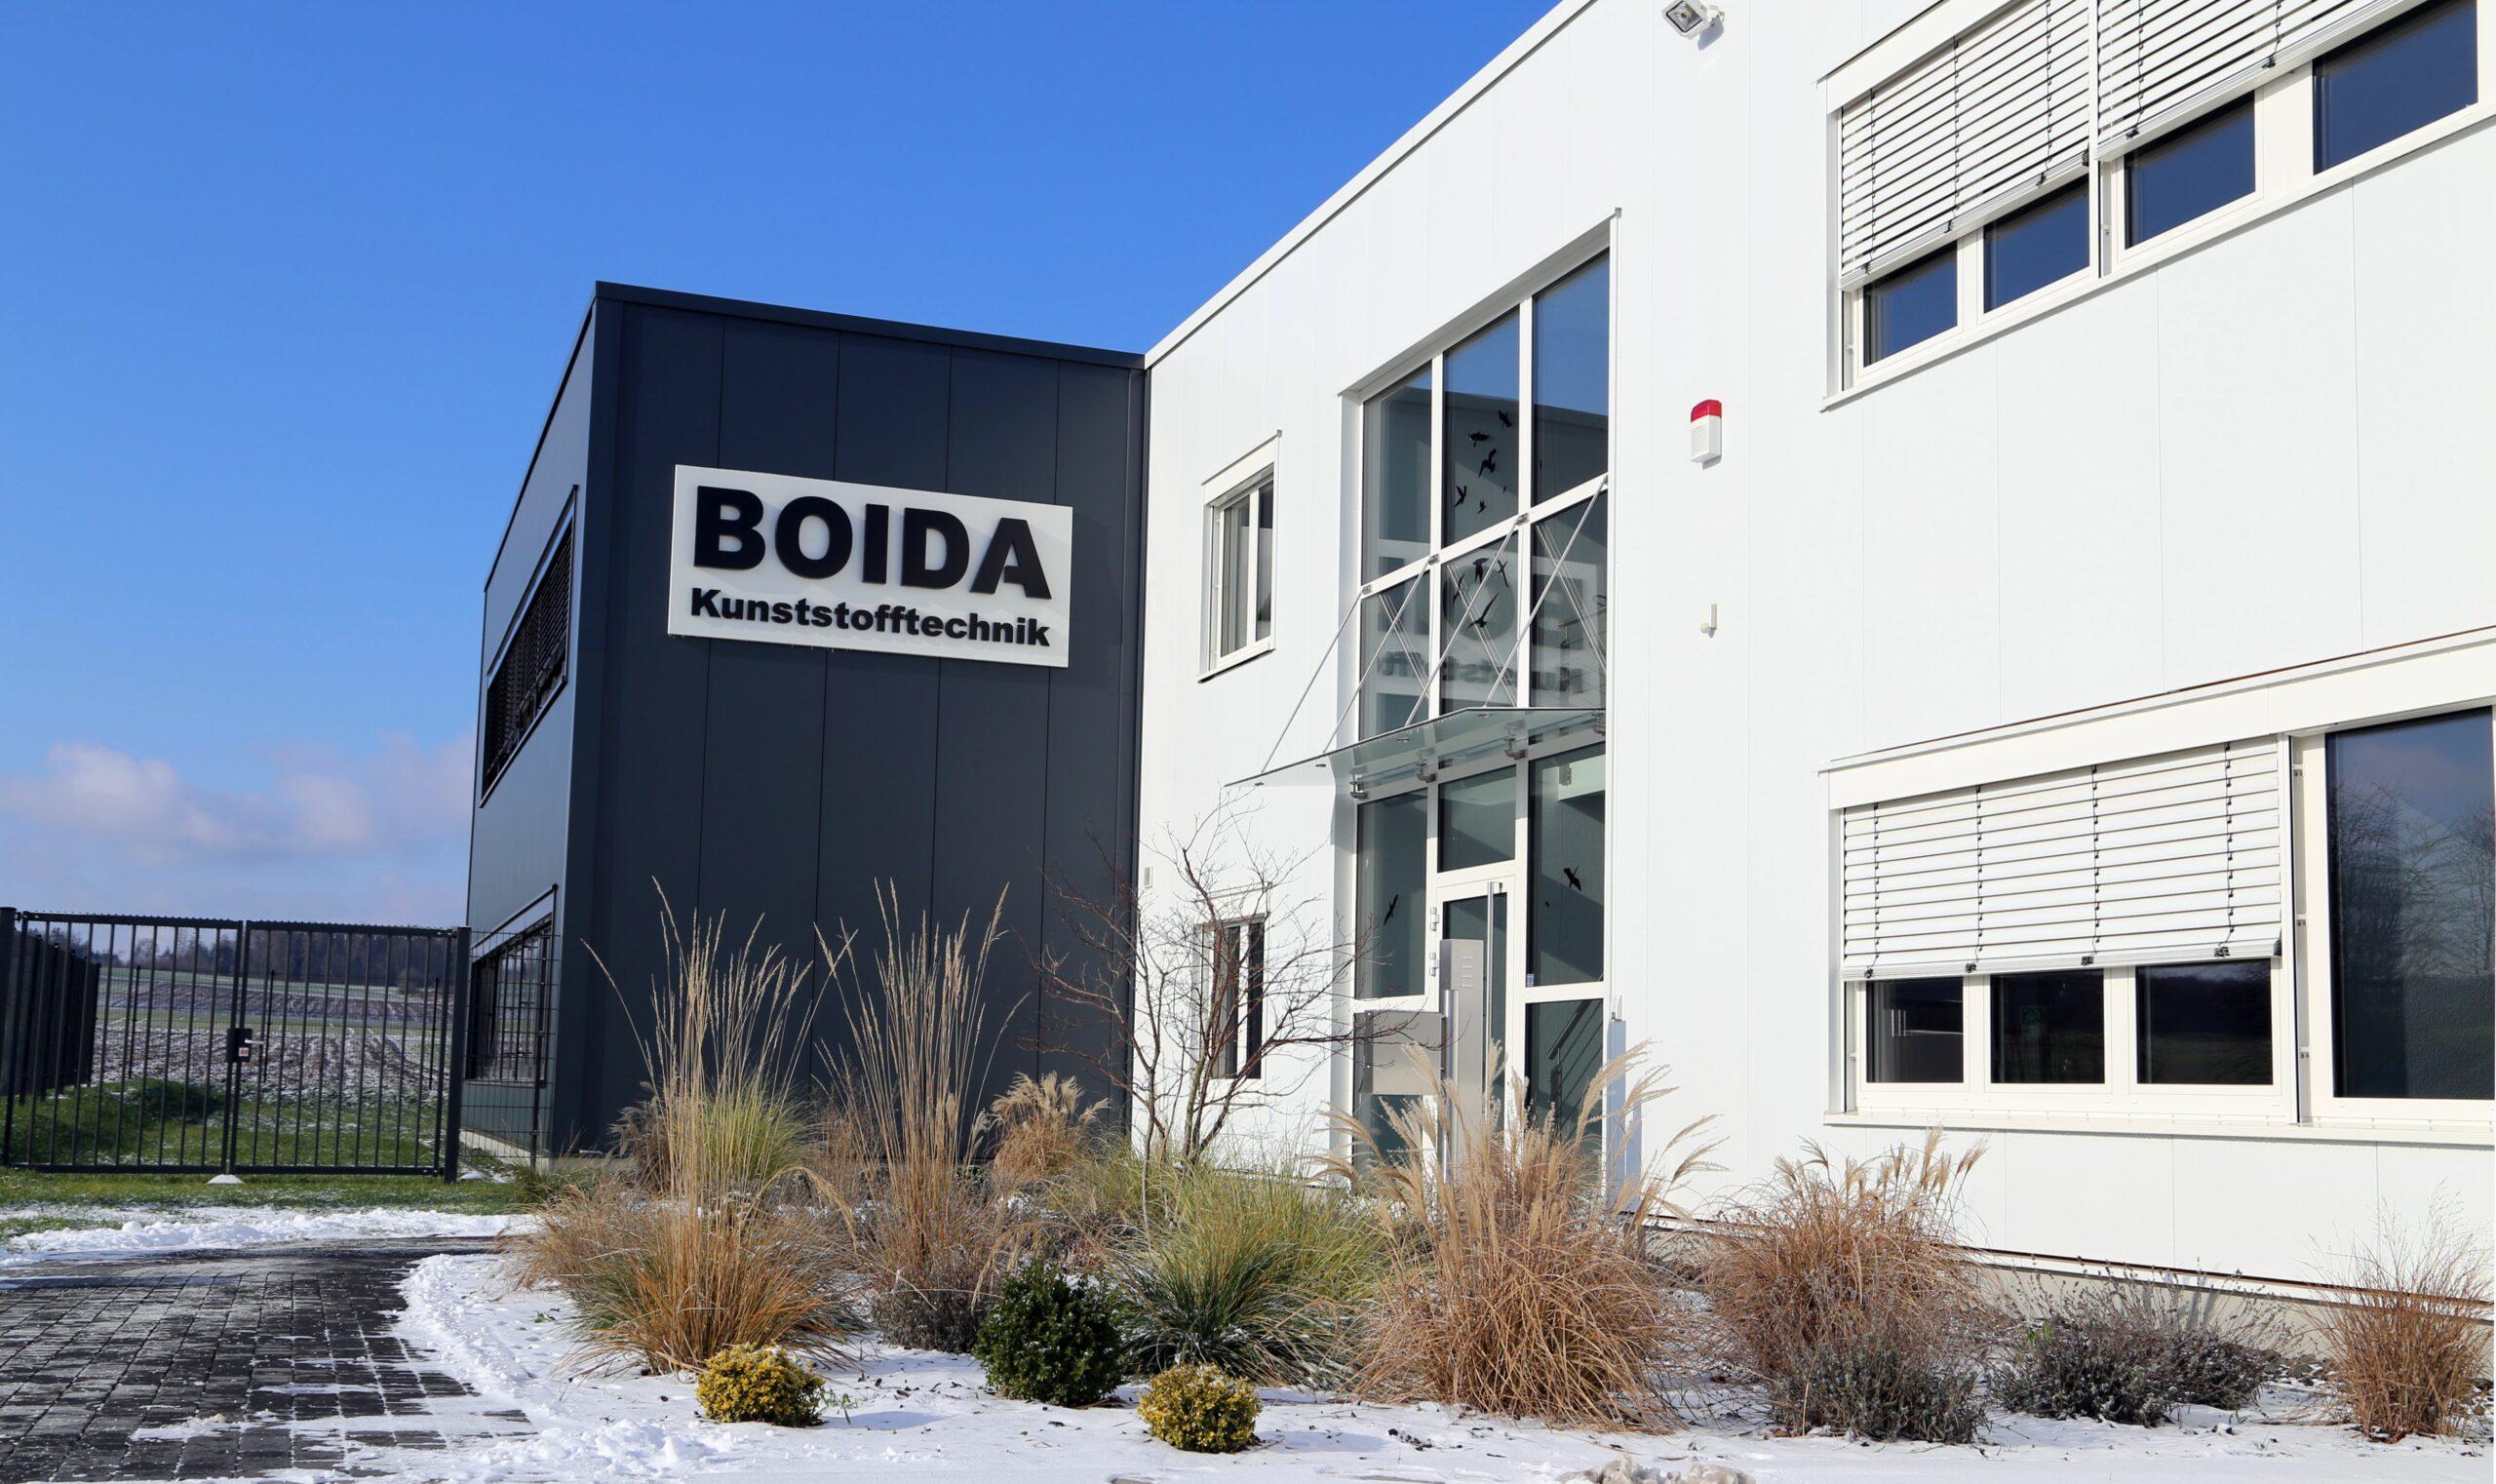 Boida Kunststofftechnik Langgöns Außenansicht Lager und produktion